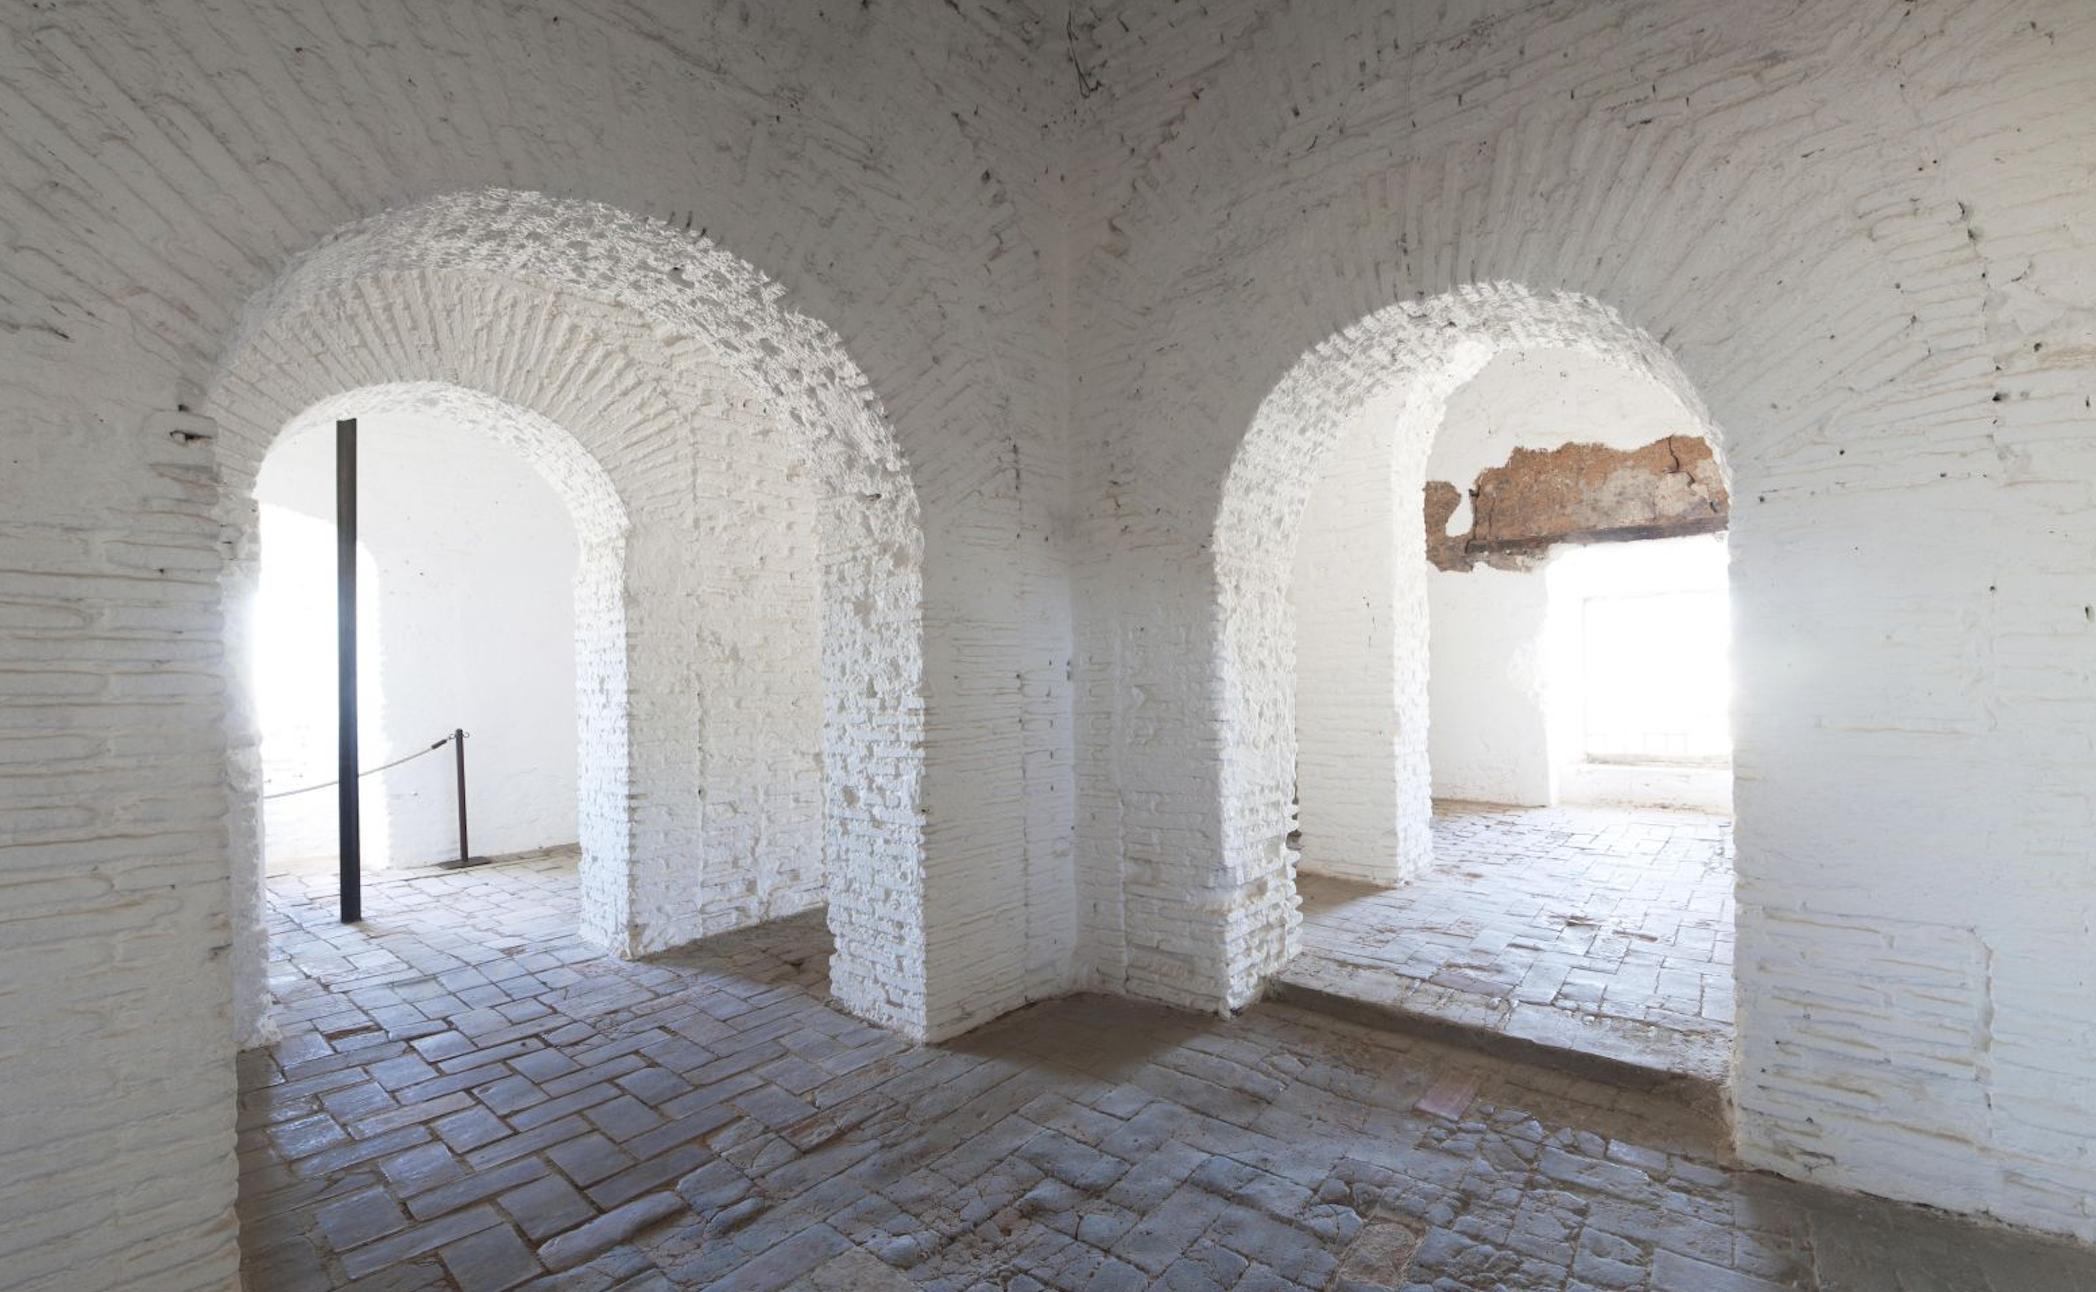 La Alhambra de Granada abre de forma excepcional el interior de la torre de la Vela